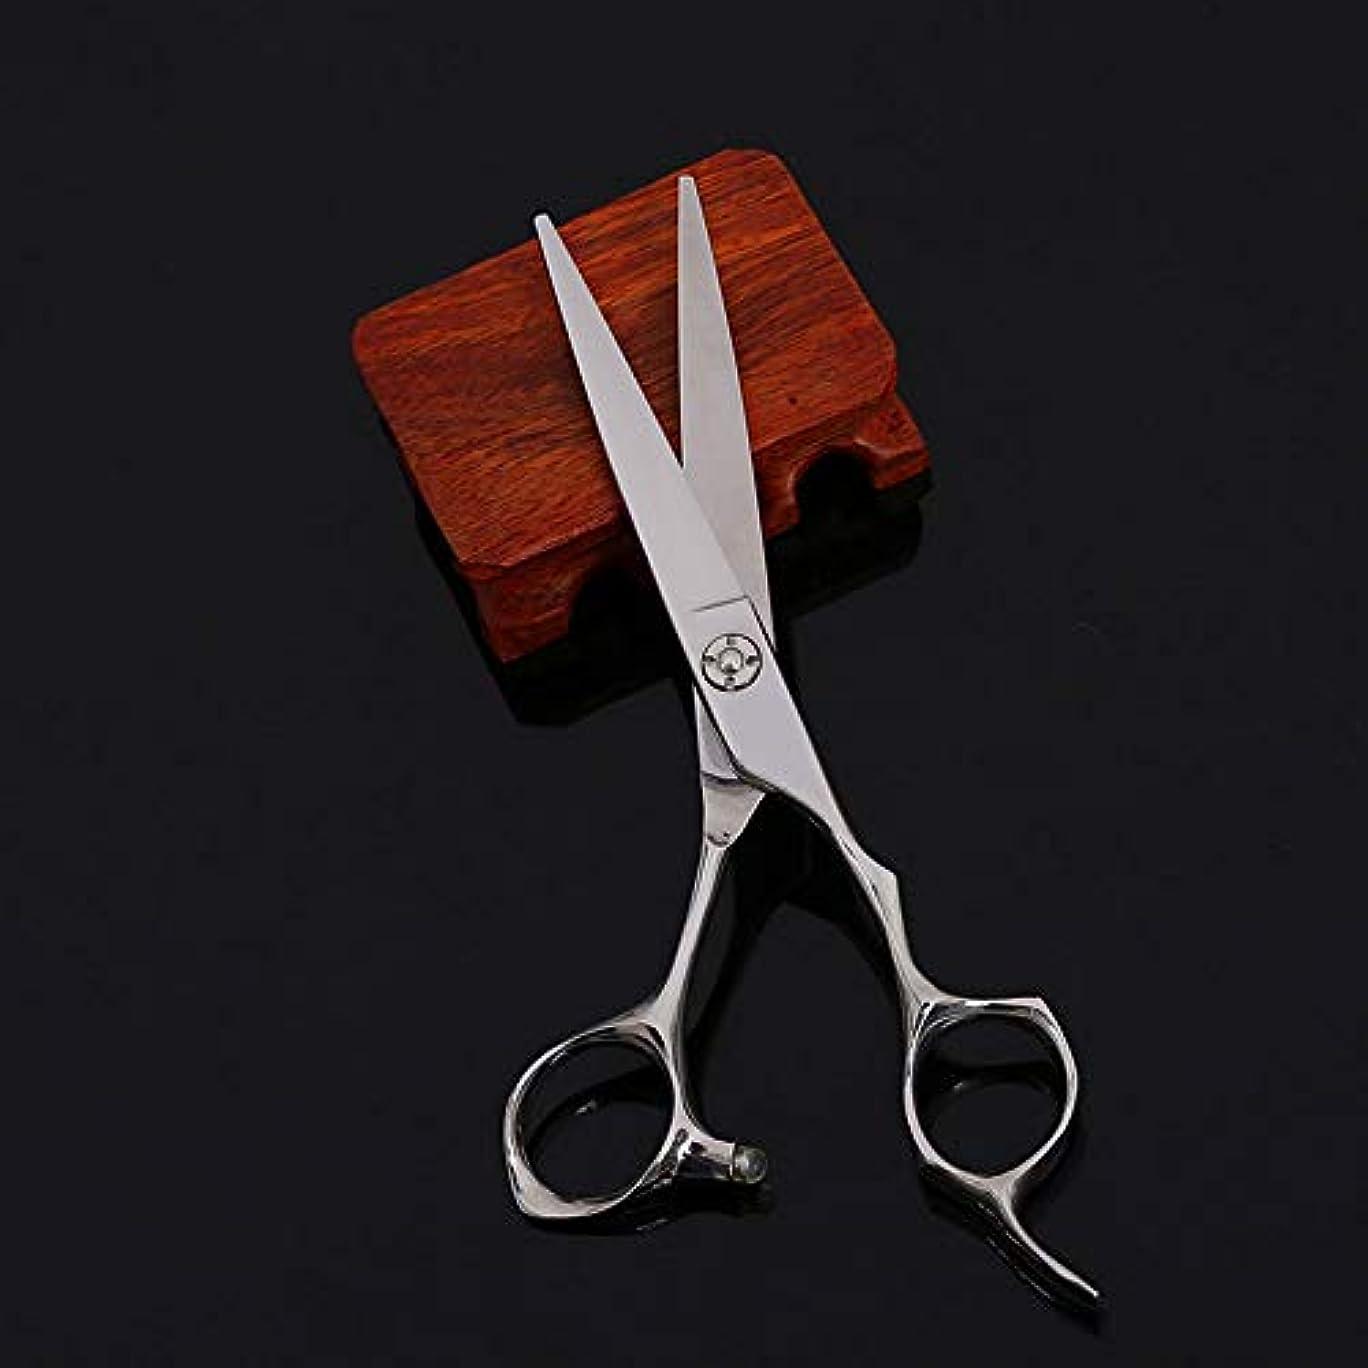 スリム社員水陸両用理髪用はさみ 6インチの理髪師の専門の散髪の平らなはさみ、ヘアーサロンおよび家の理髪用具の毛の切断はさみのステンレス製の理髪師のはさみ (色 : Silver)